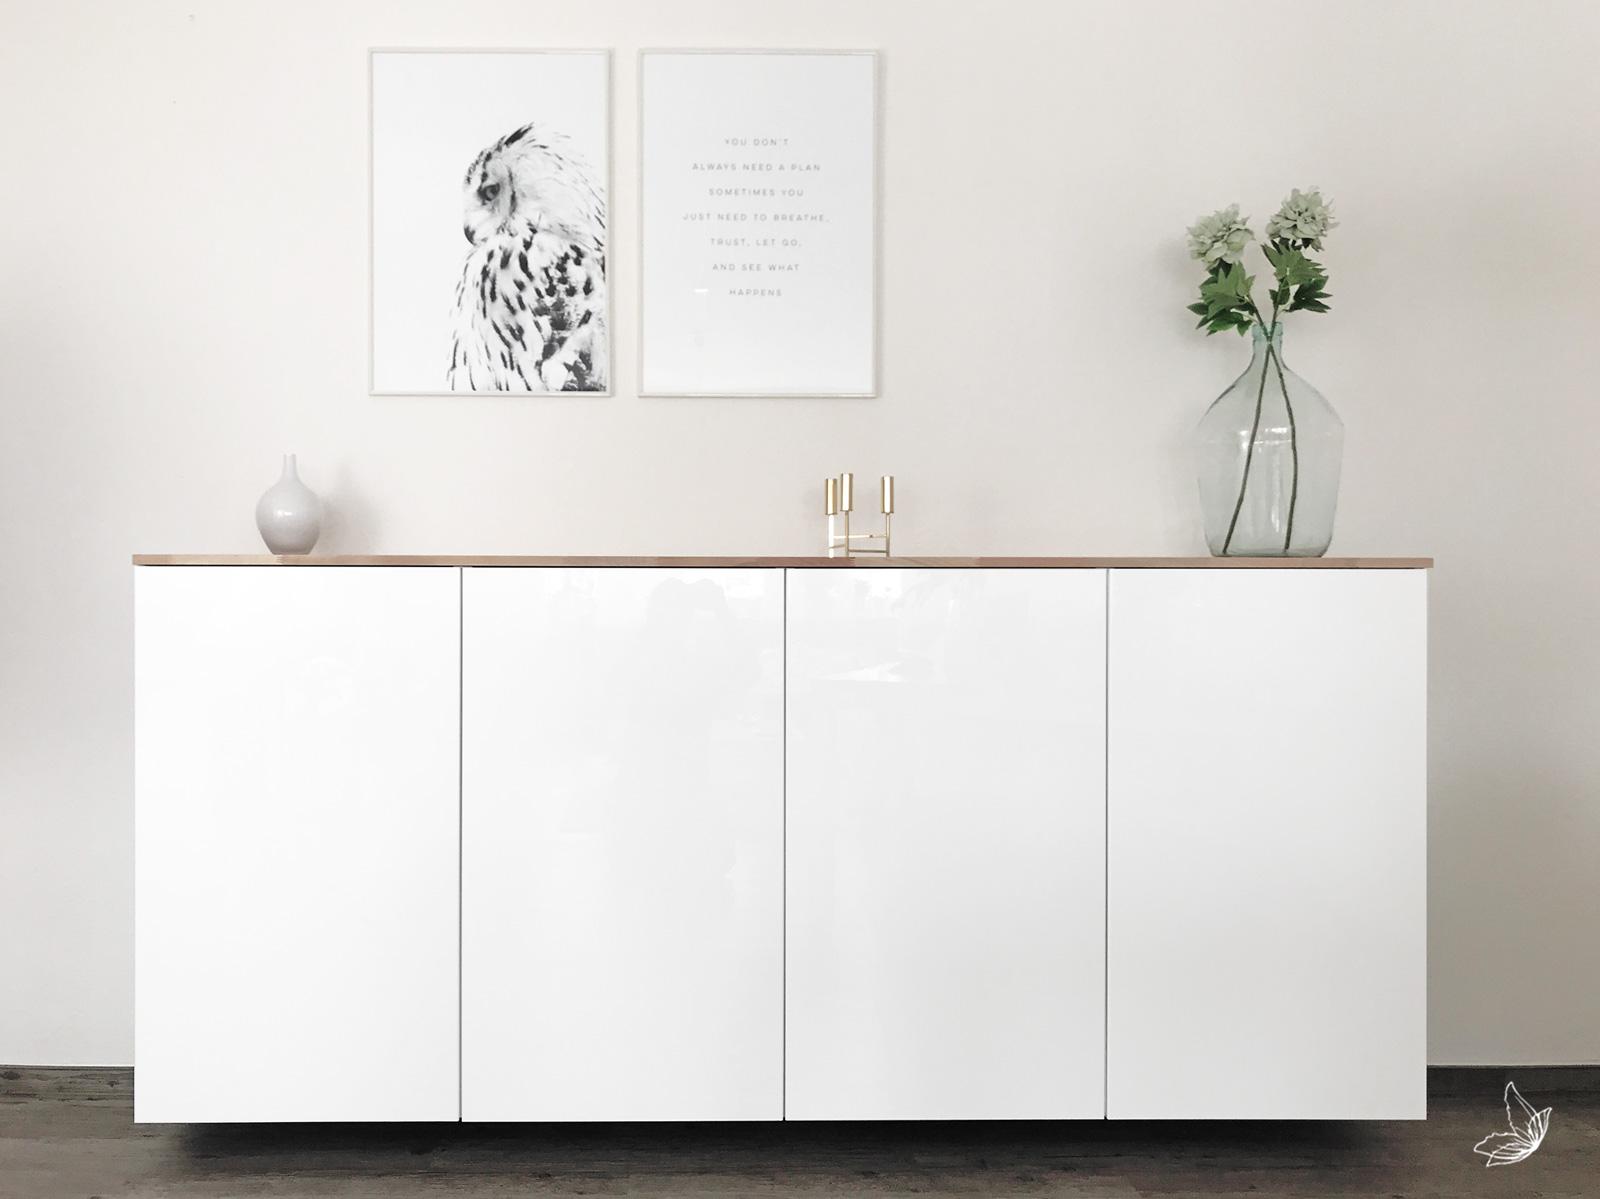 Full Size of Ikea Hack Metod Kchenschrank Als Sideboard Betten 160x200 Miniküche Modulküche Bei Sofa Mit Schlaffunktion Küche Kaufen Anrichte Kosten Wohnzimmer Anrichte Ikea